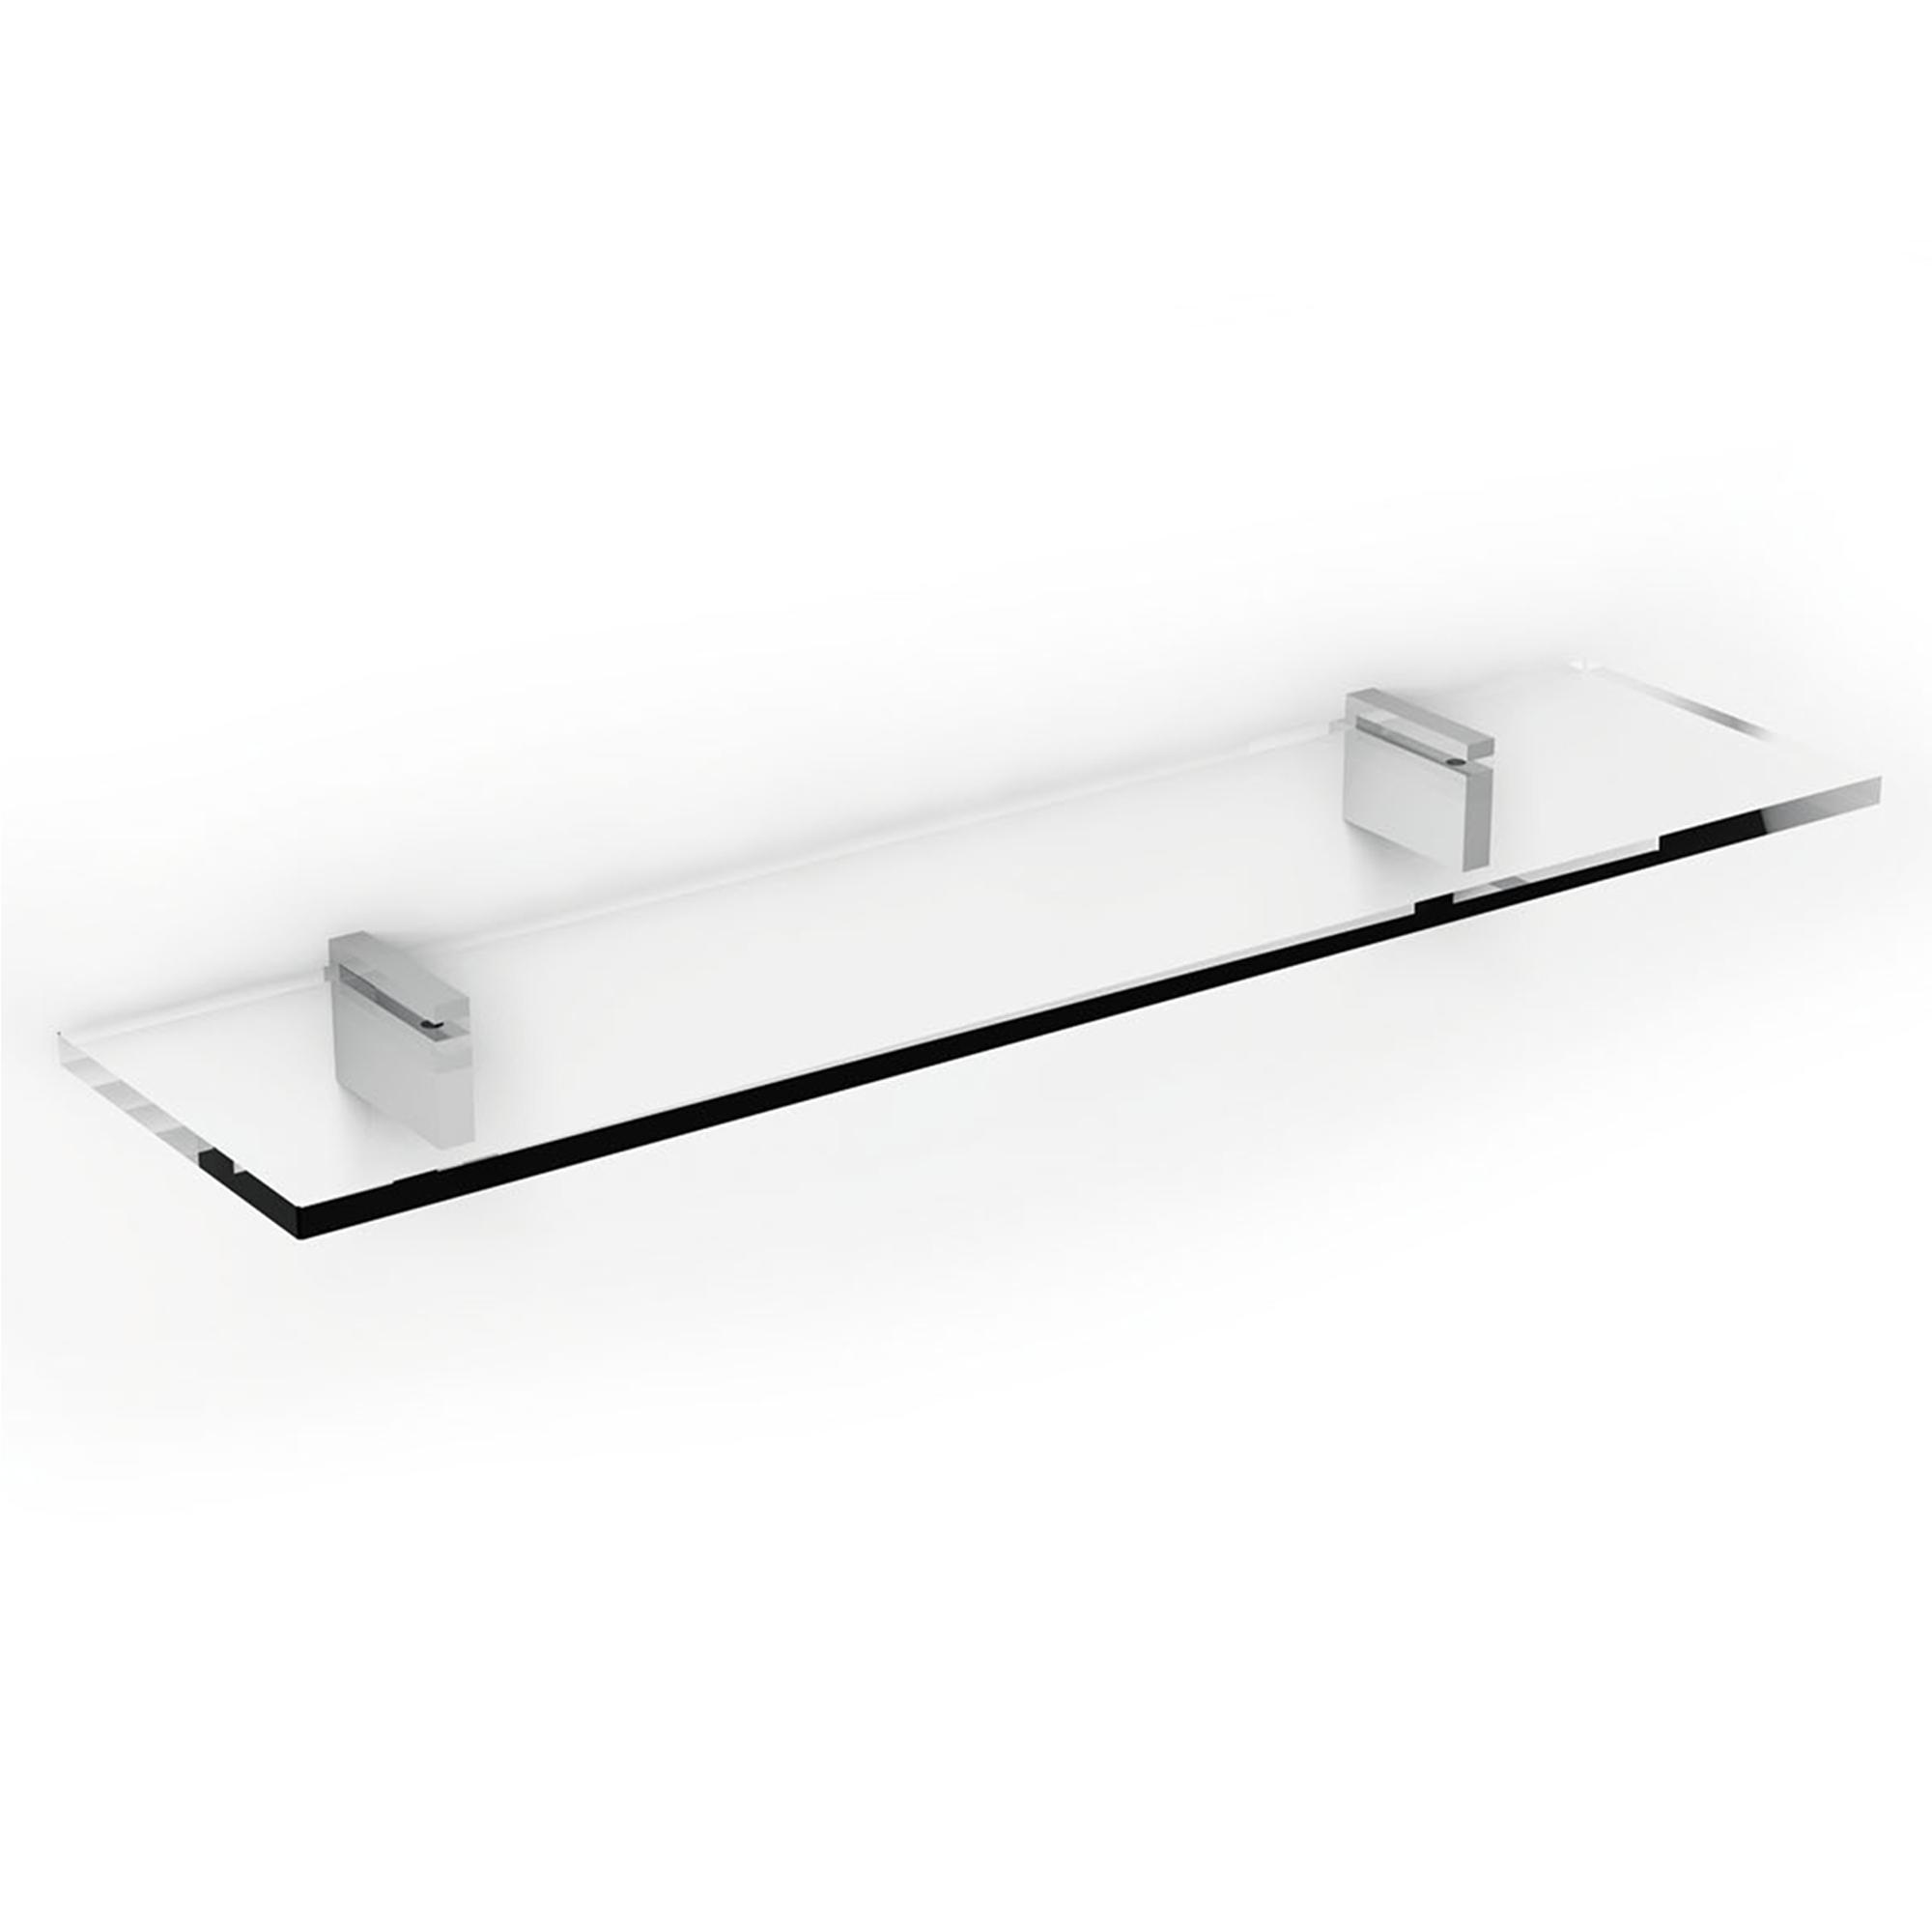 Mensola lapiana cm 60 in acciaio inox lucido e vetro ibb - Mensola acciaio bagno ...